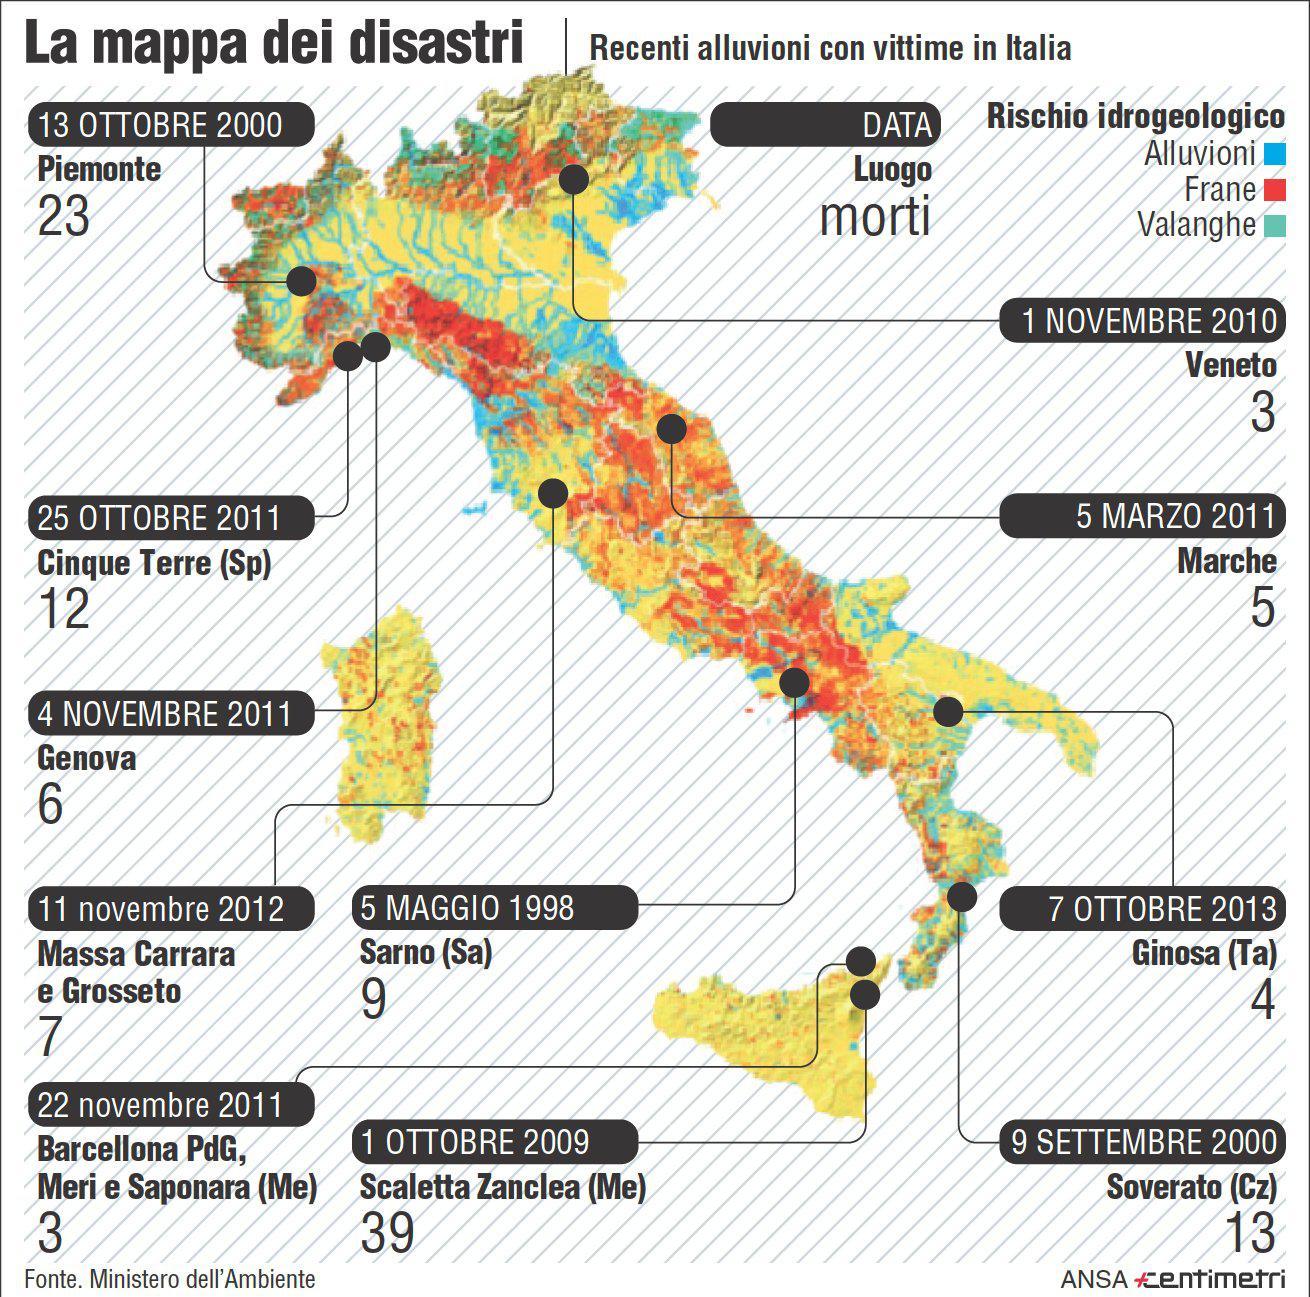 Distribuzione degli eventi idrogeologici più recenti